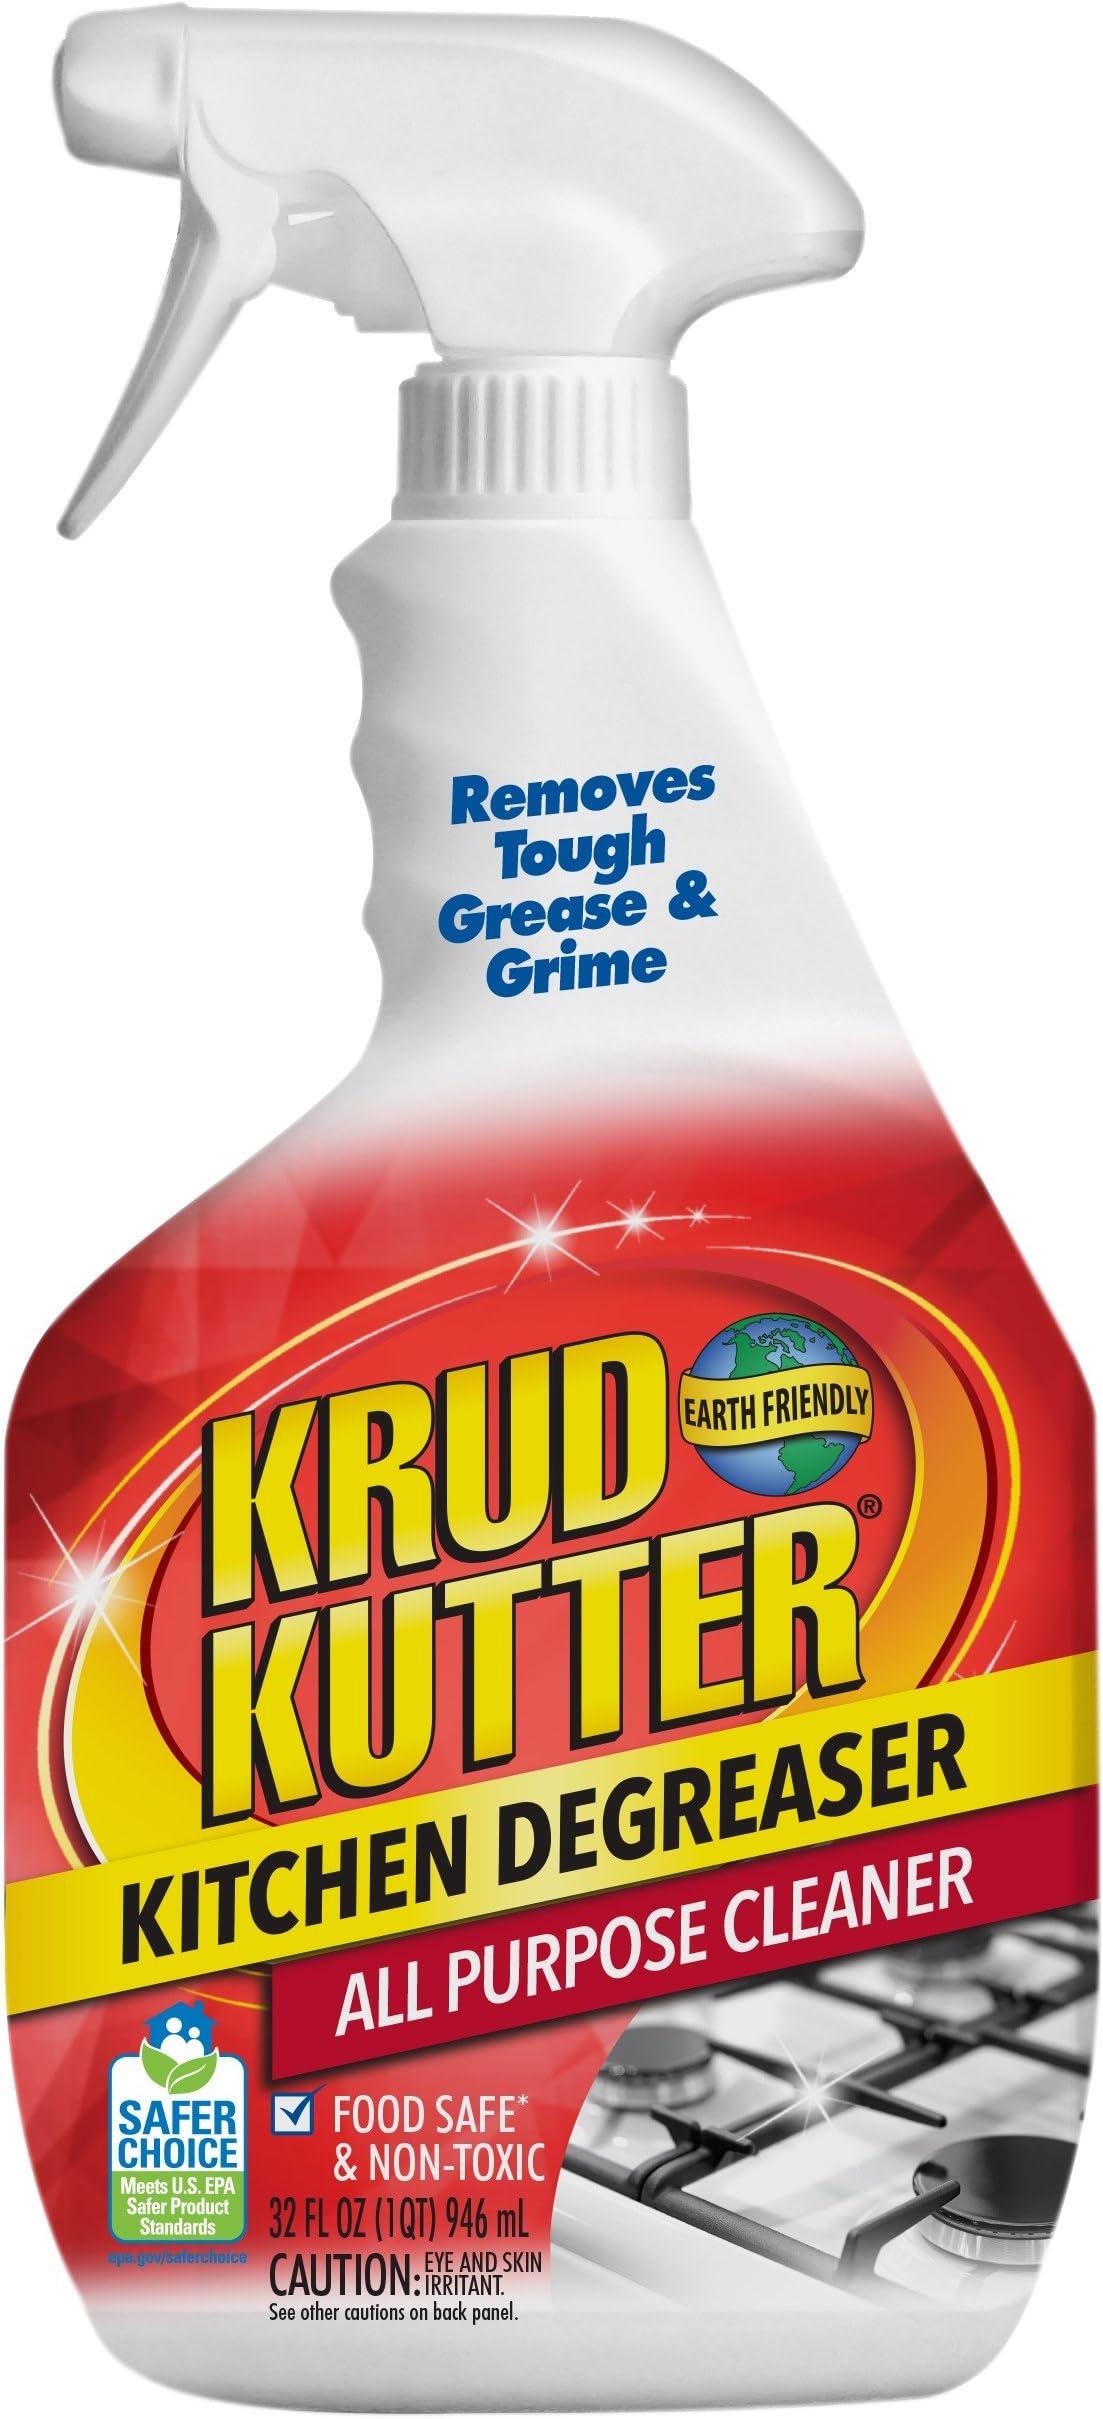 Krud Kutter 305373 Kitchen Degreaser All-Purpose Cleaner, 32 oz (Тhrее Расk)